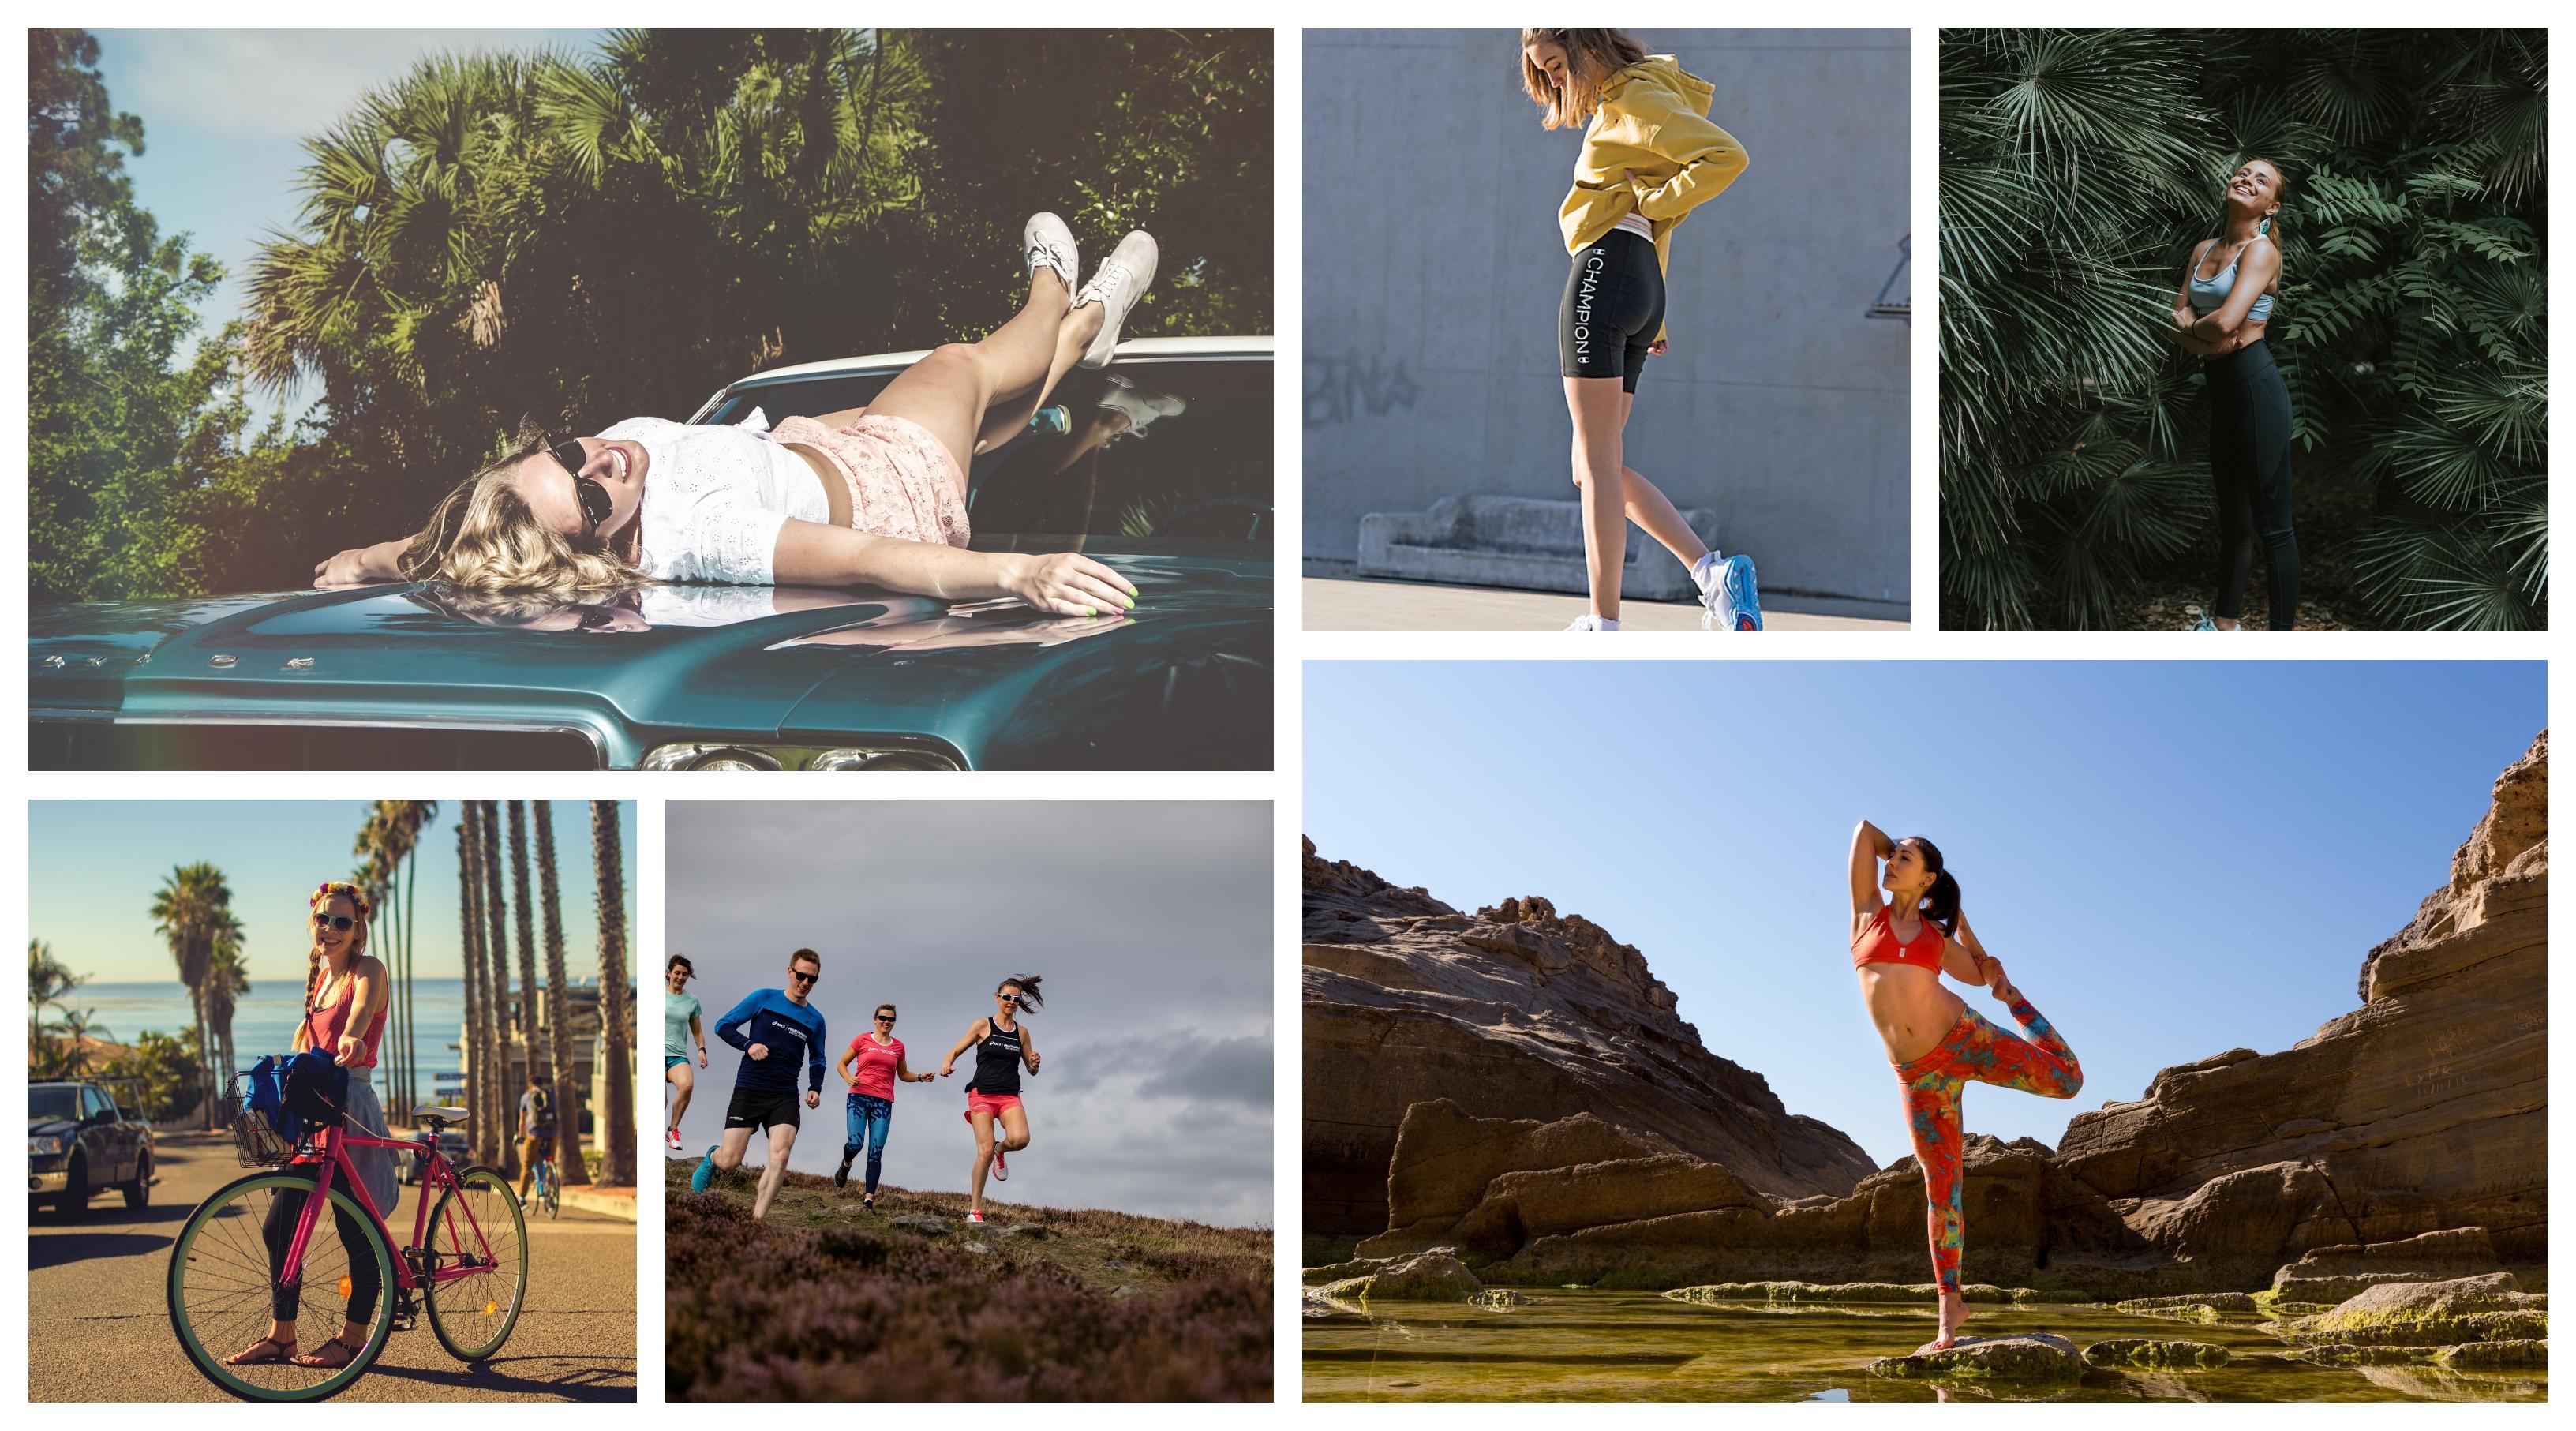 Short de sport mode ete 2020, idée tenue d'été femme moderne, femme à bicyclette, leggings et shorts, vetements de sport